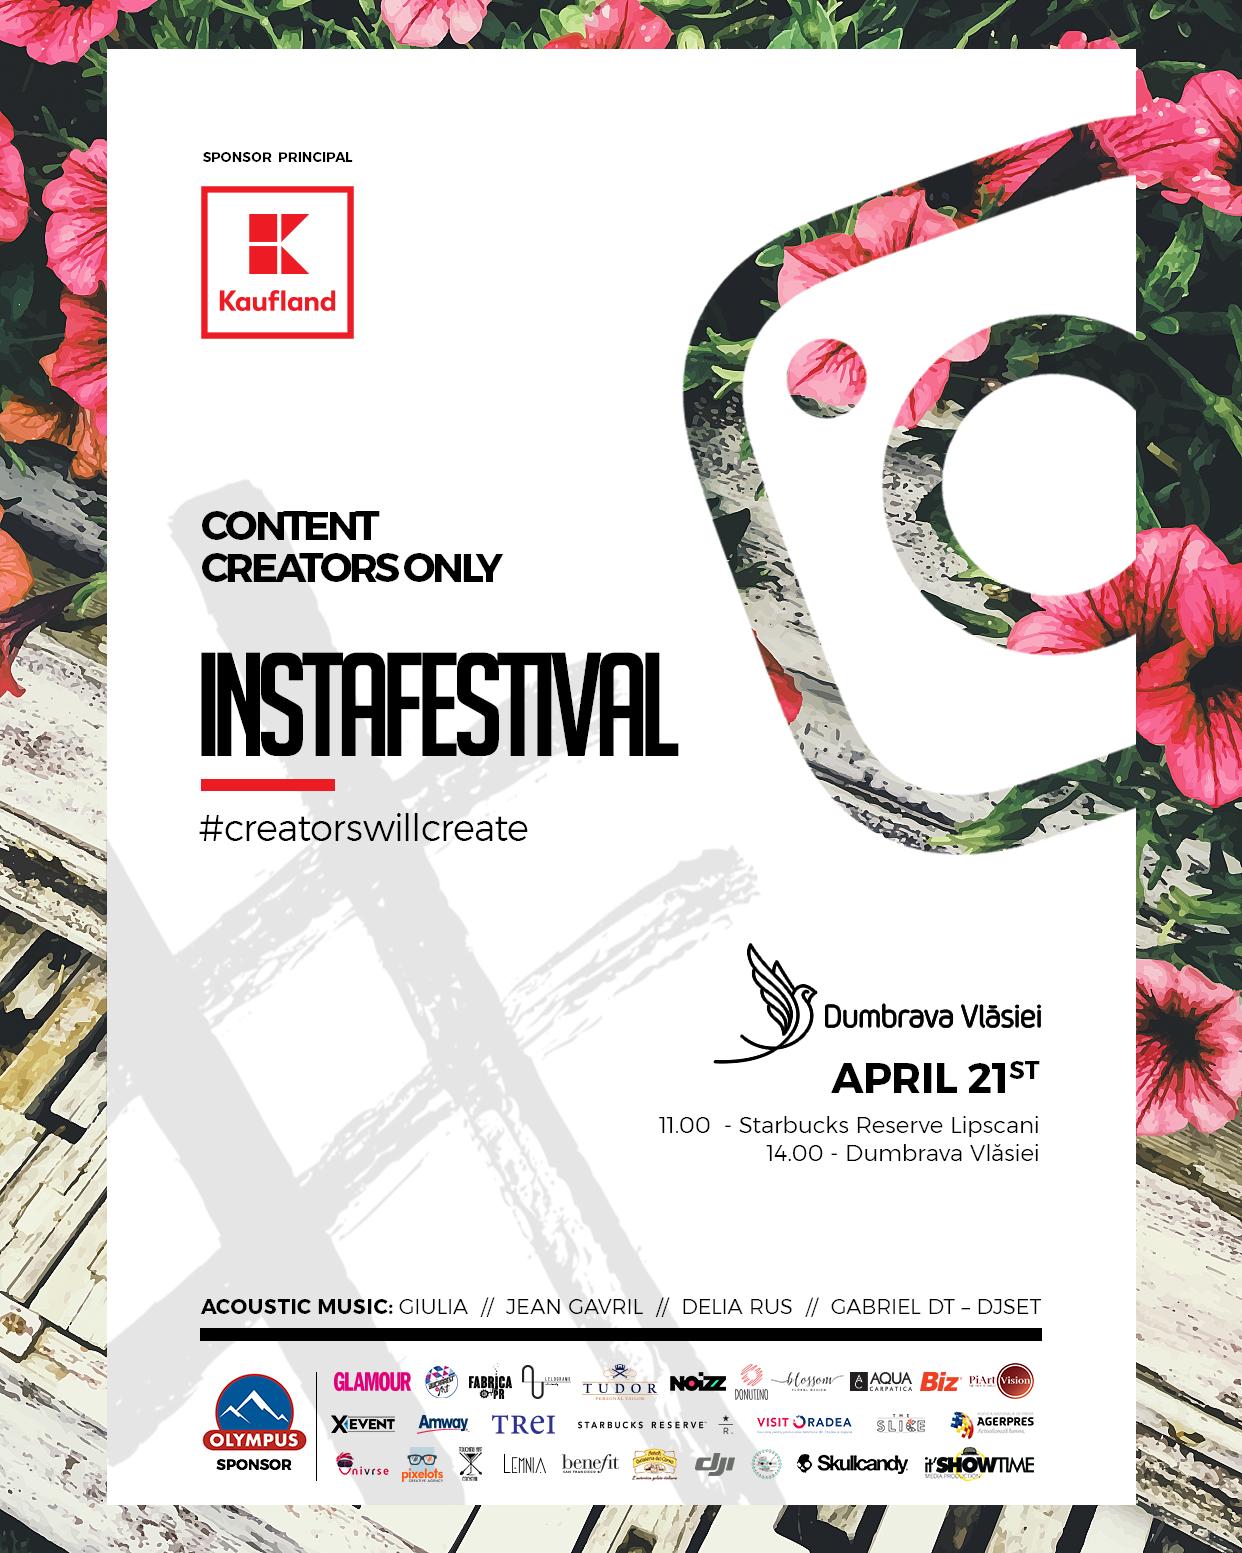 #Instafestival, primul festival dedicat comunitatii de instagrammeri din Romania, va avea loc sambata, 21 aprilie, in Dumbrava Vlasiei